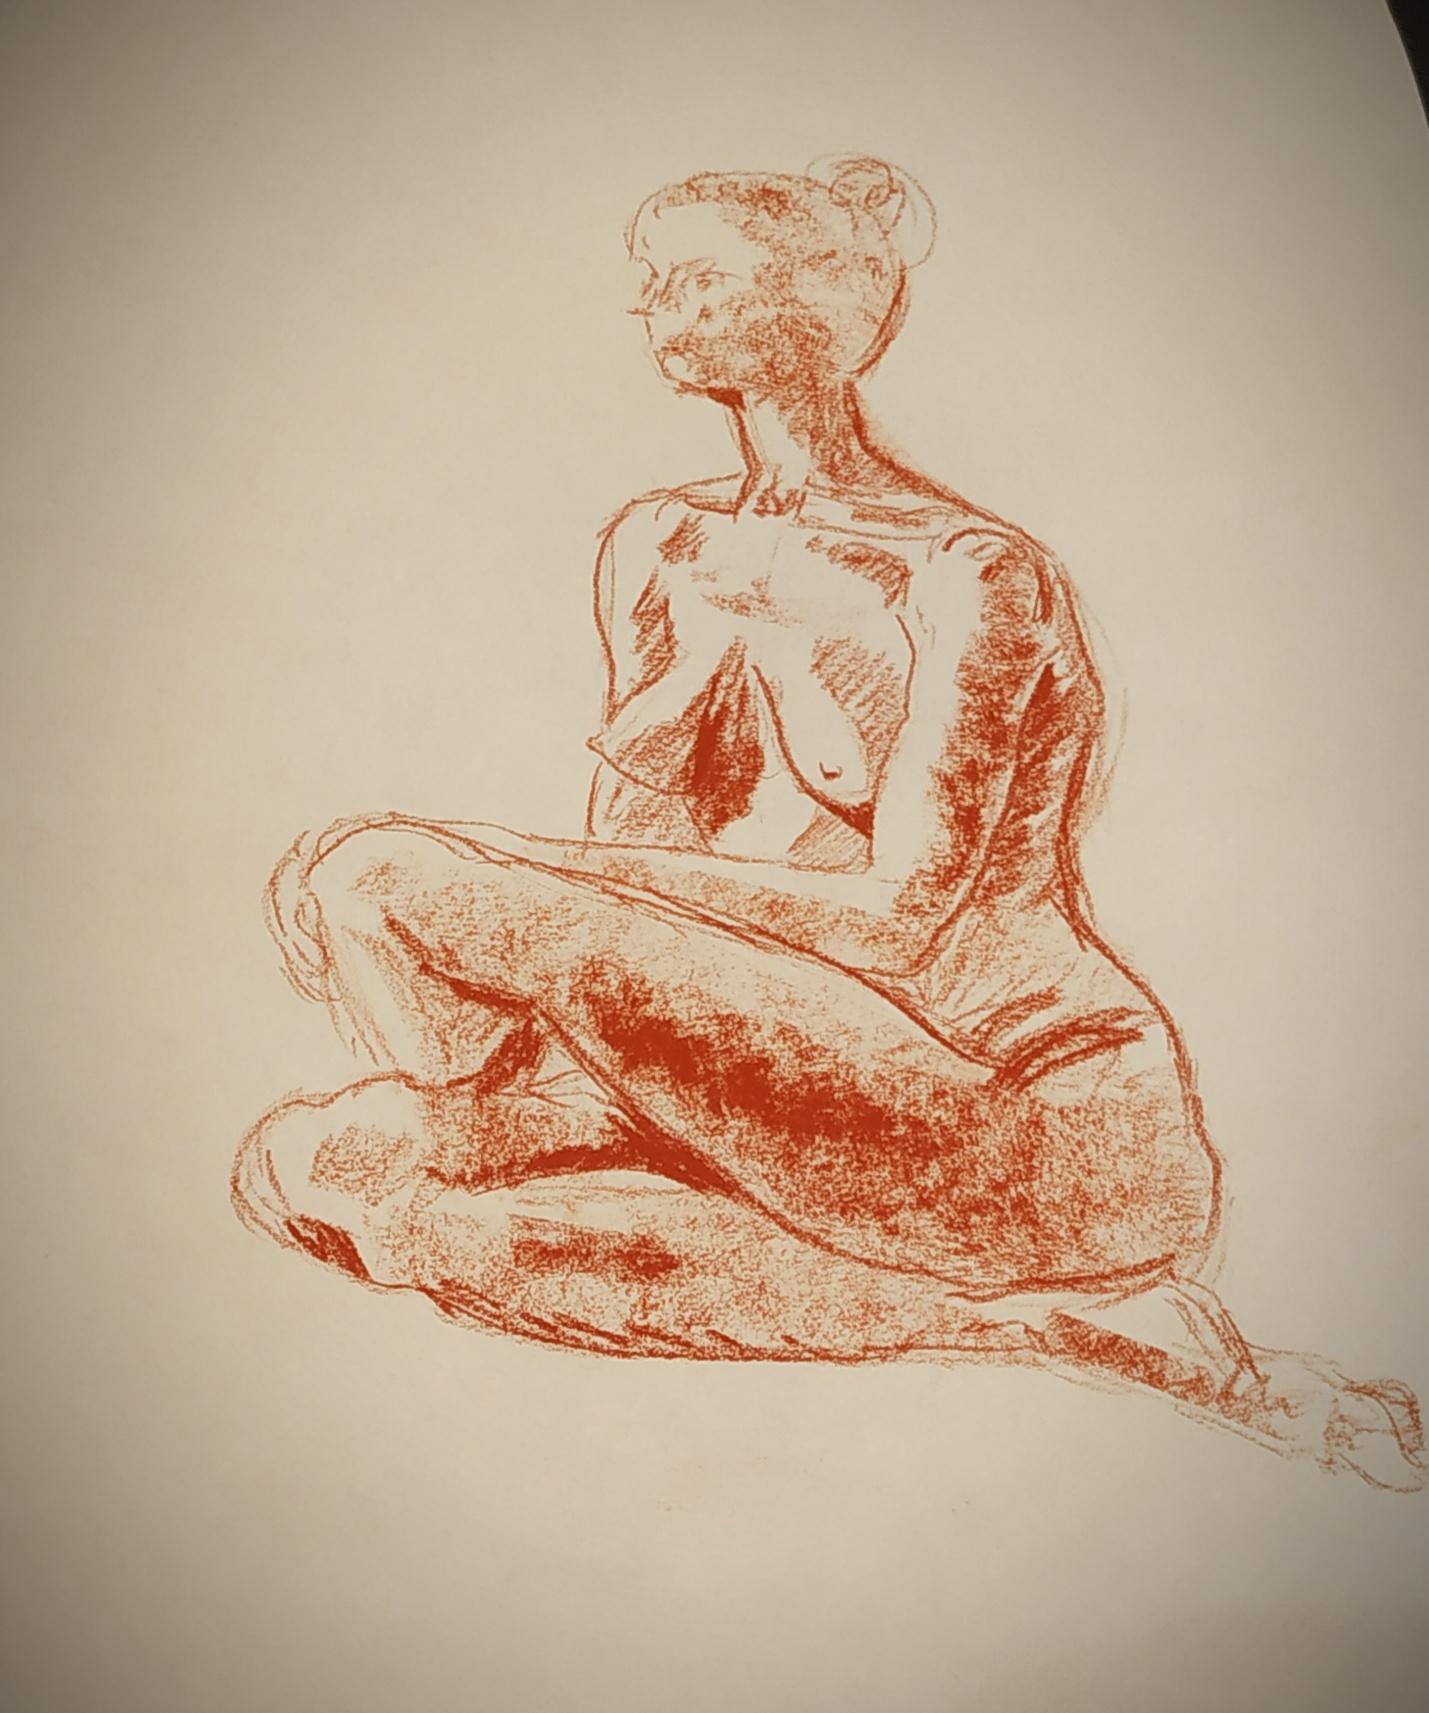 Dessin mod�le vivant ainsi sanguine sur papier  cours de dessin